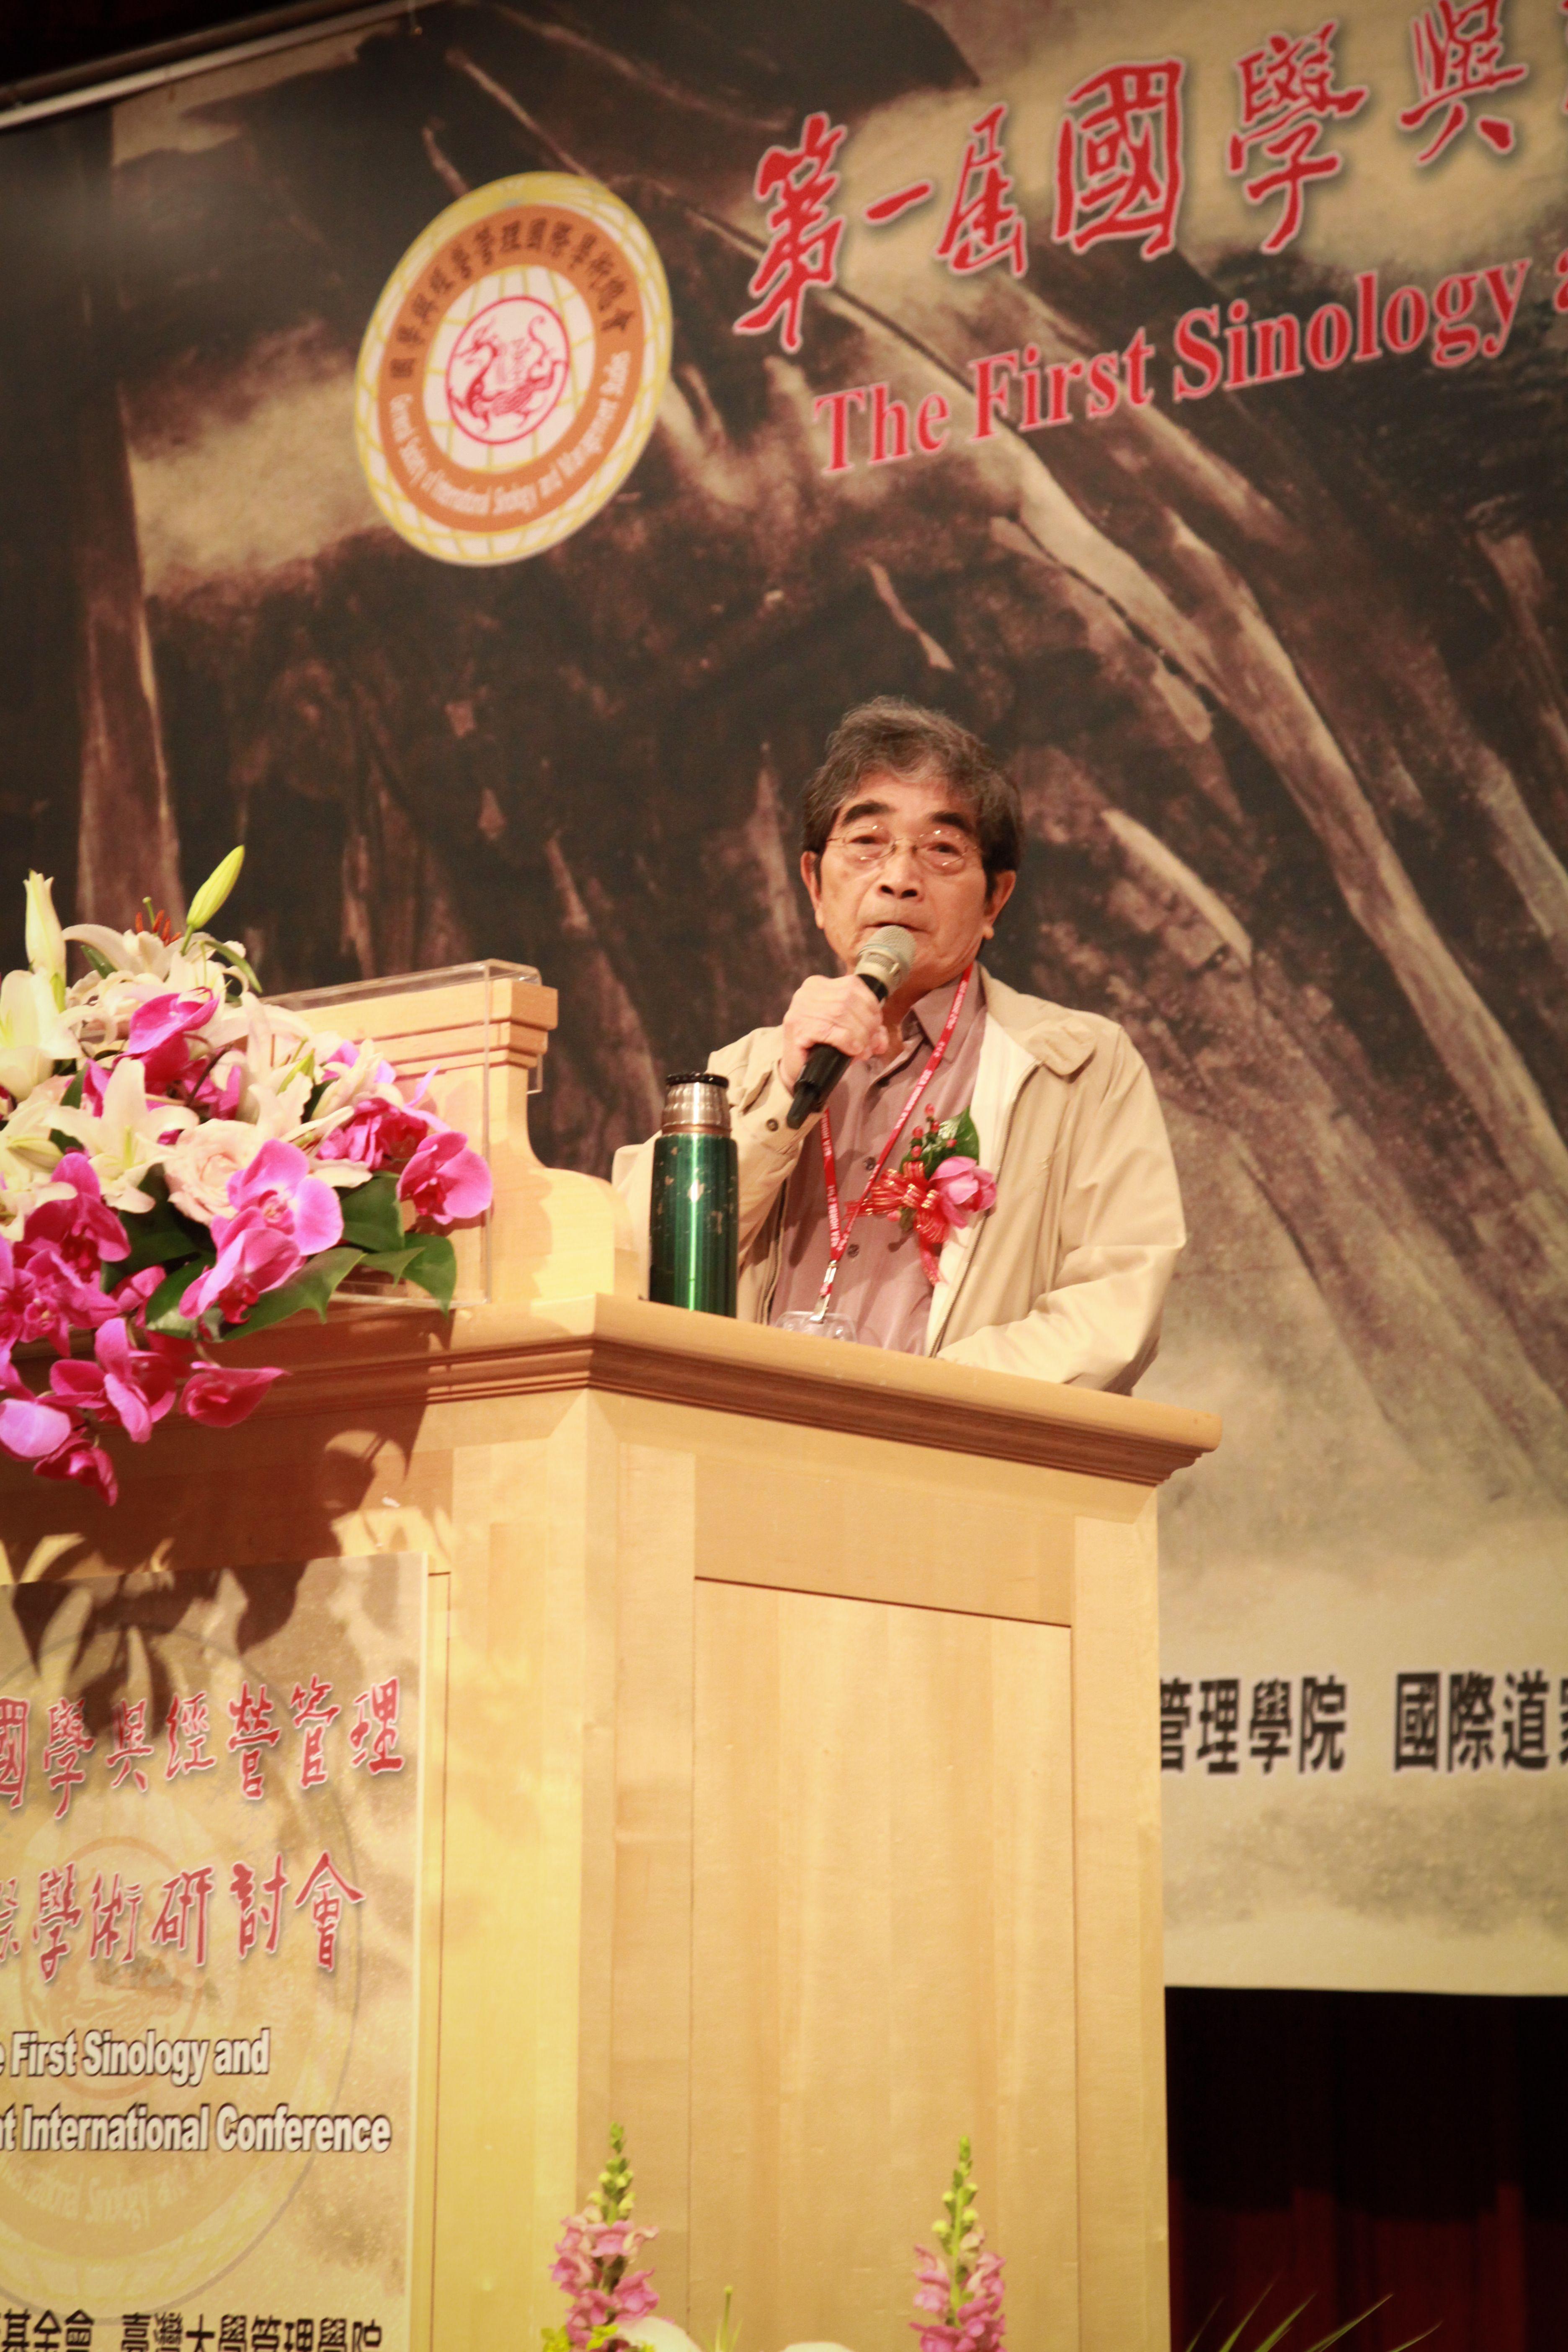 第一屆國學與經營管理國際學術研討會代表人之一 王邦雄 教授 發表論文演講